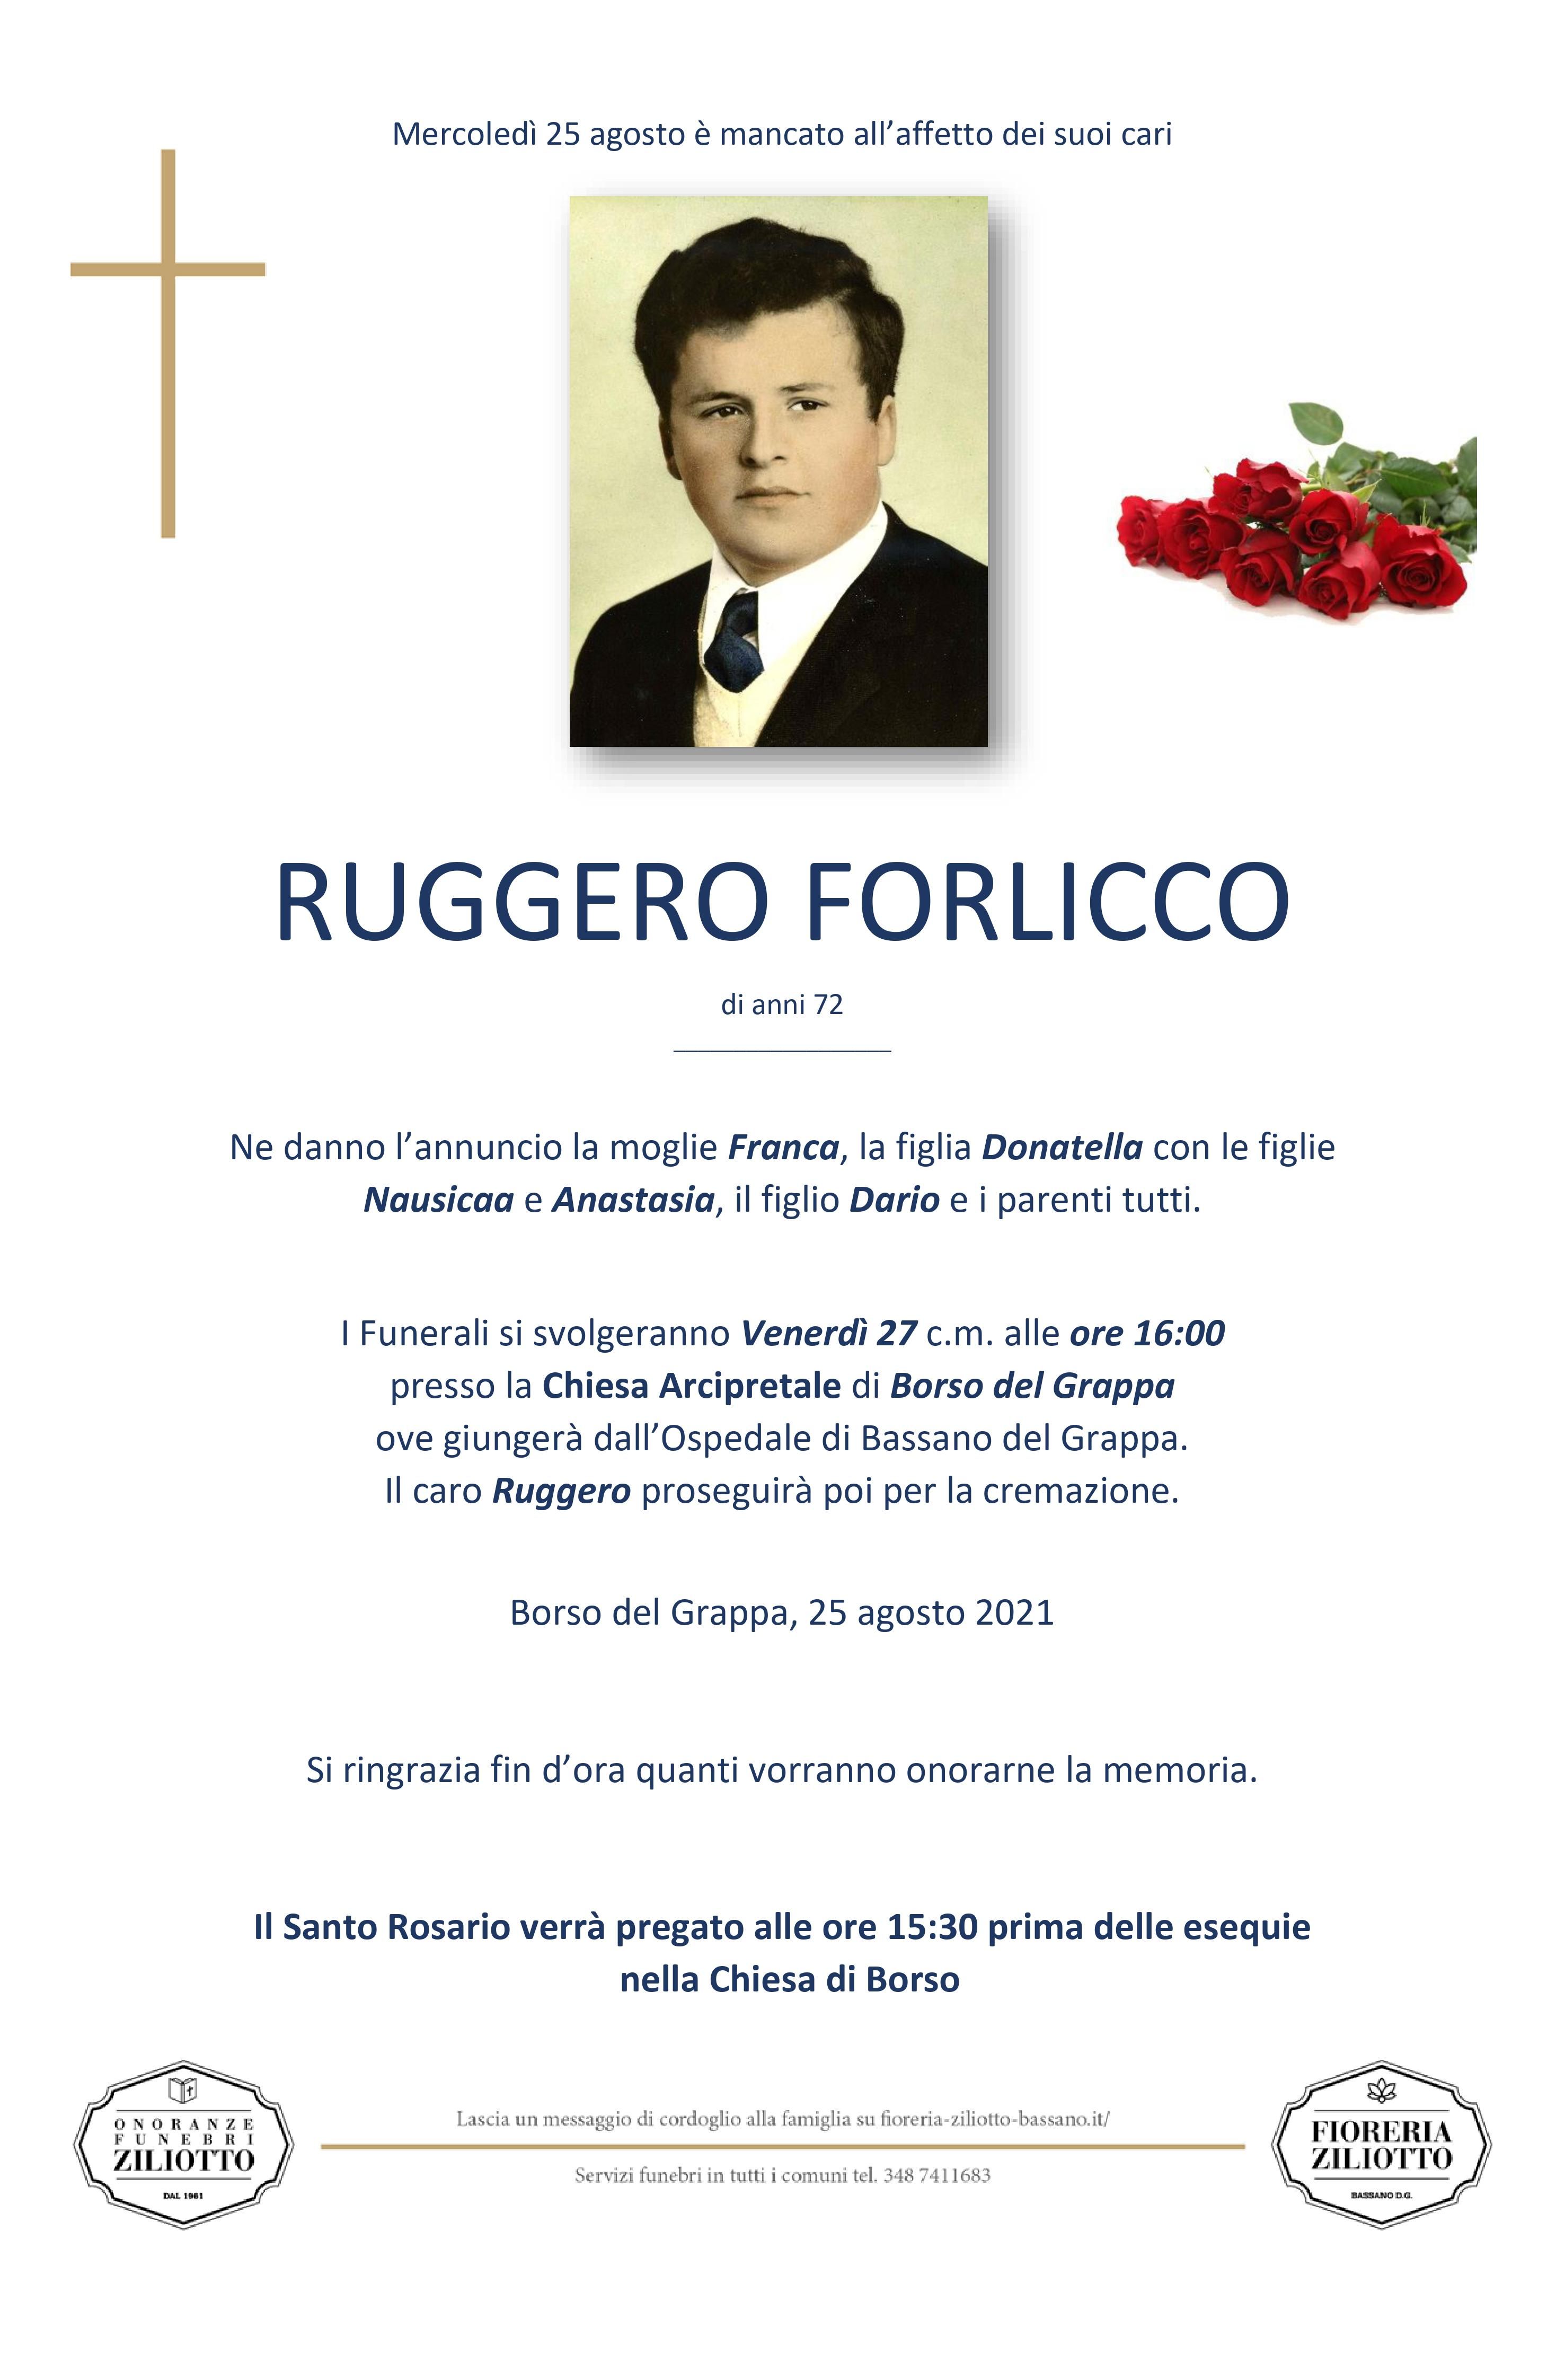 Ruggero Forlicco - 72 anni - Cismon del Grappa